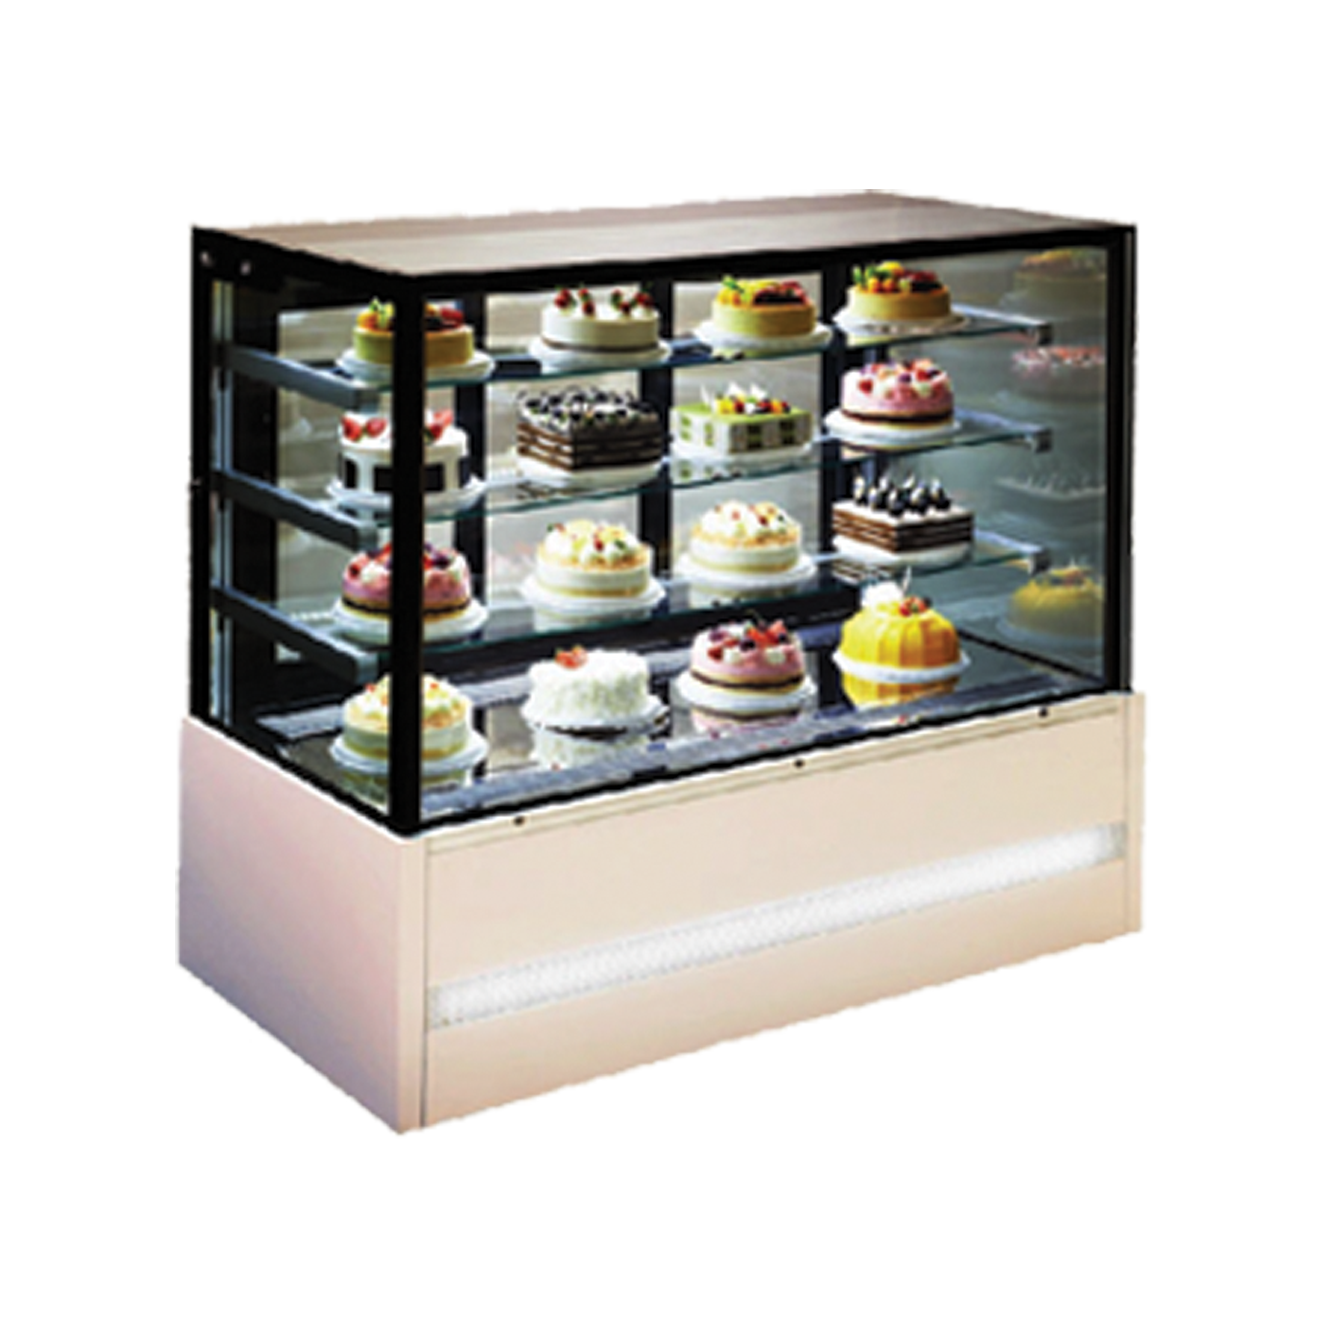 Bakery Equipment Buy bakery machinery coffee machine  toolkit Onlin